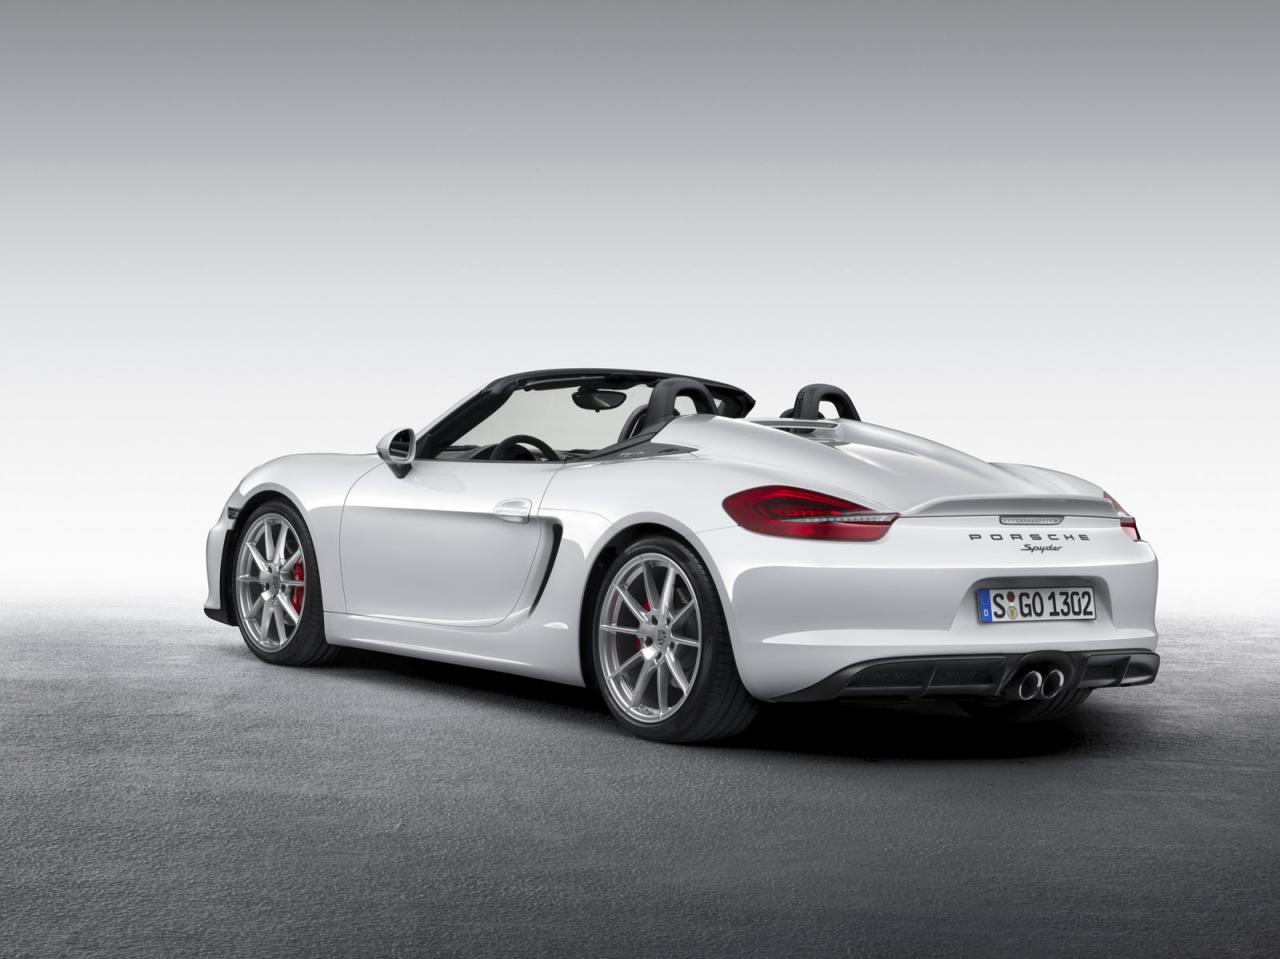 Porsche Boxster Spyder, información y datos del Boxster más radical 4